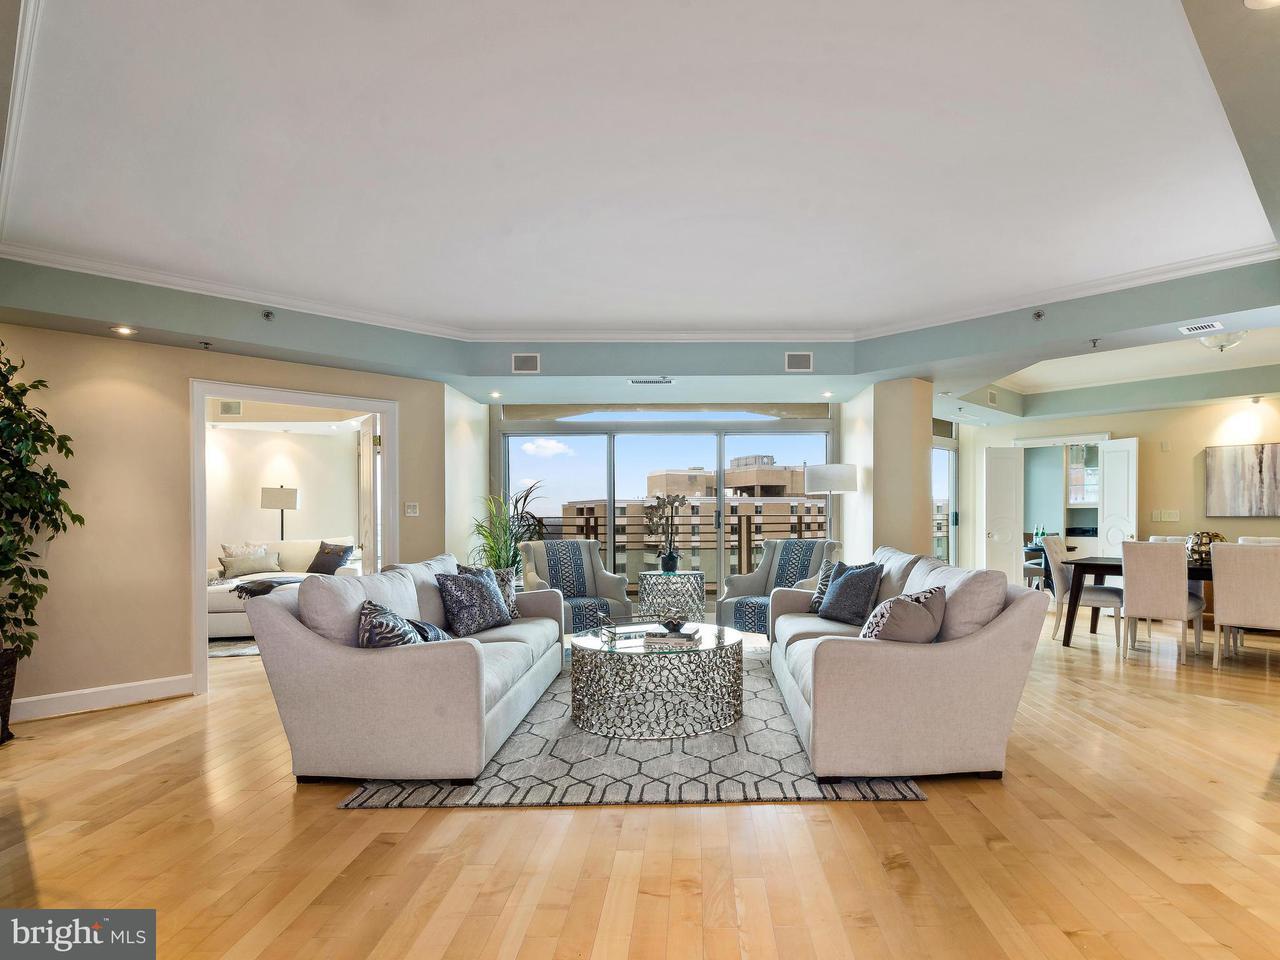 Σπίτι στην πόλη για την Πώληση στο 5610 WISCONSIN AVE #17D 5610 WISCONSIN AVE #17D Chevy Chase, Μεριλαντ 20815 Ηνωμενεσ Πολιτειεσ